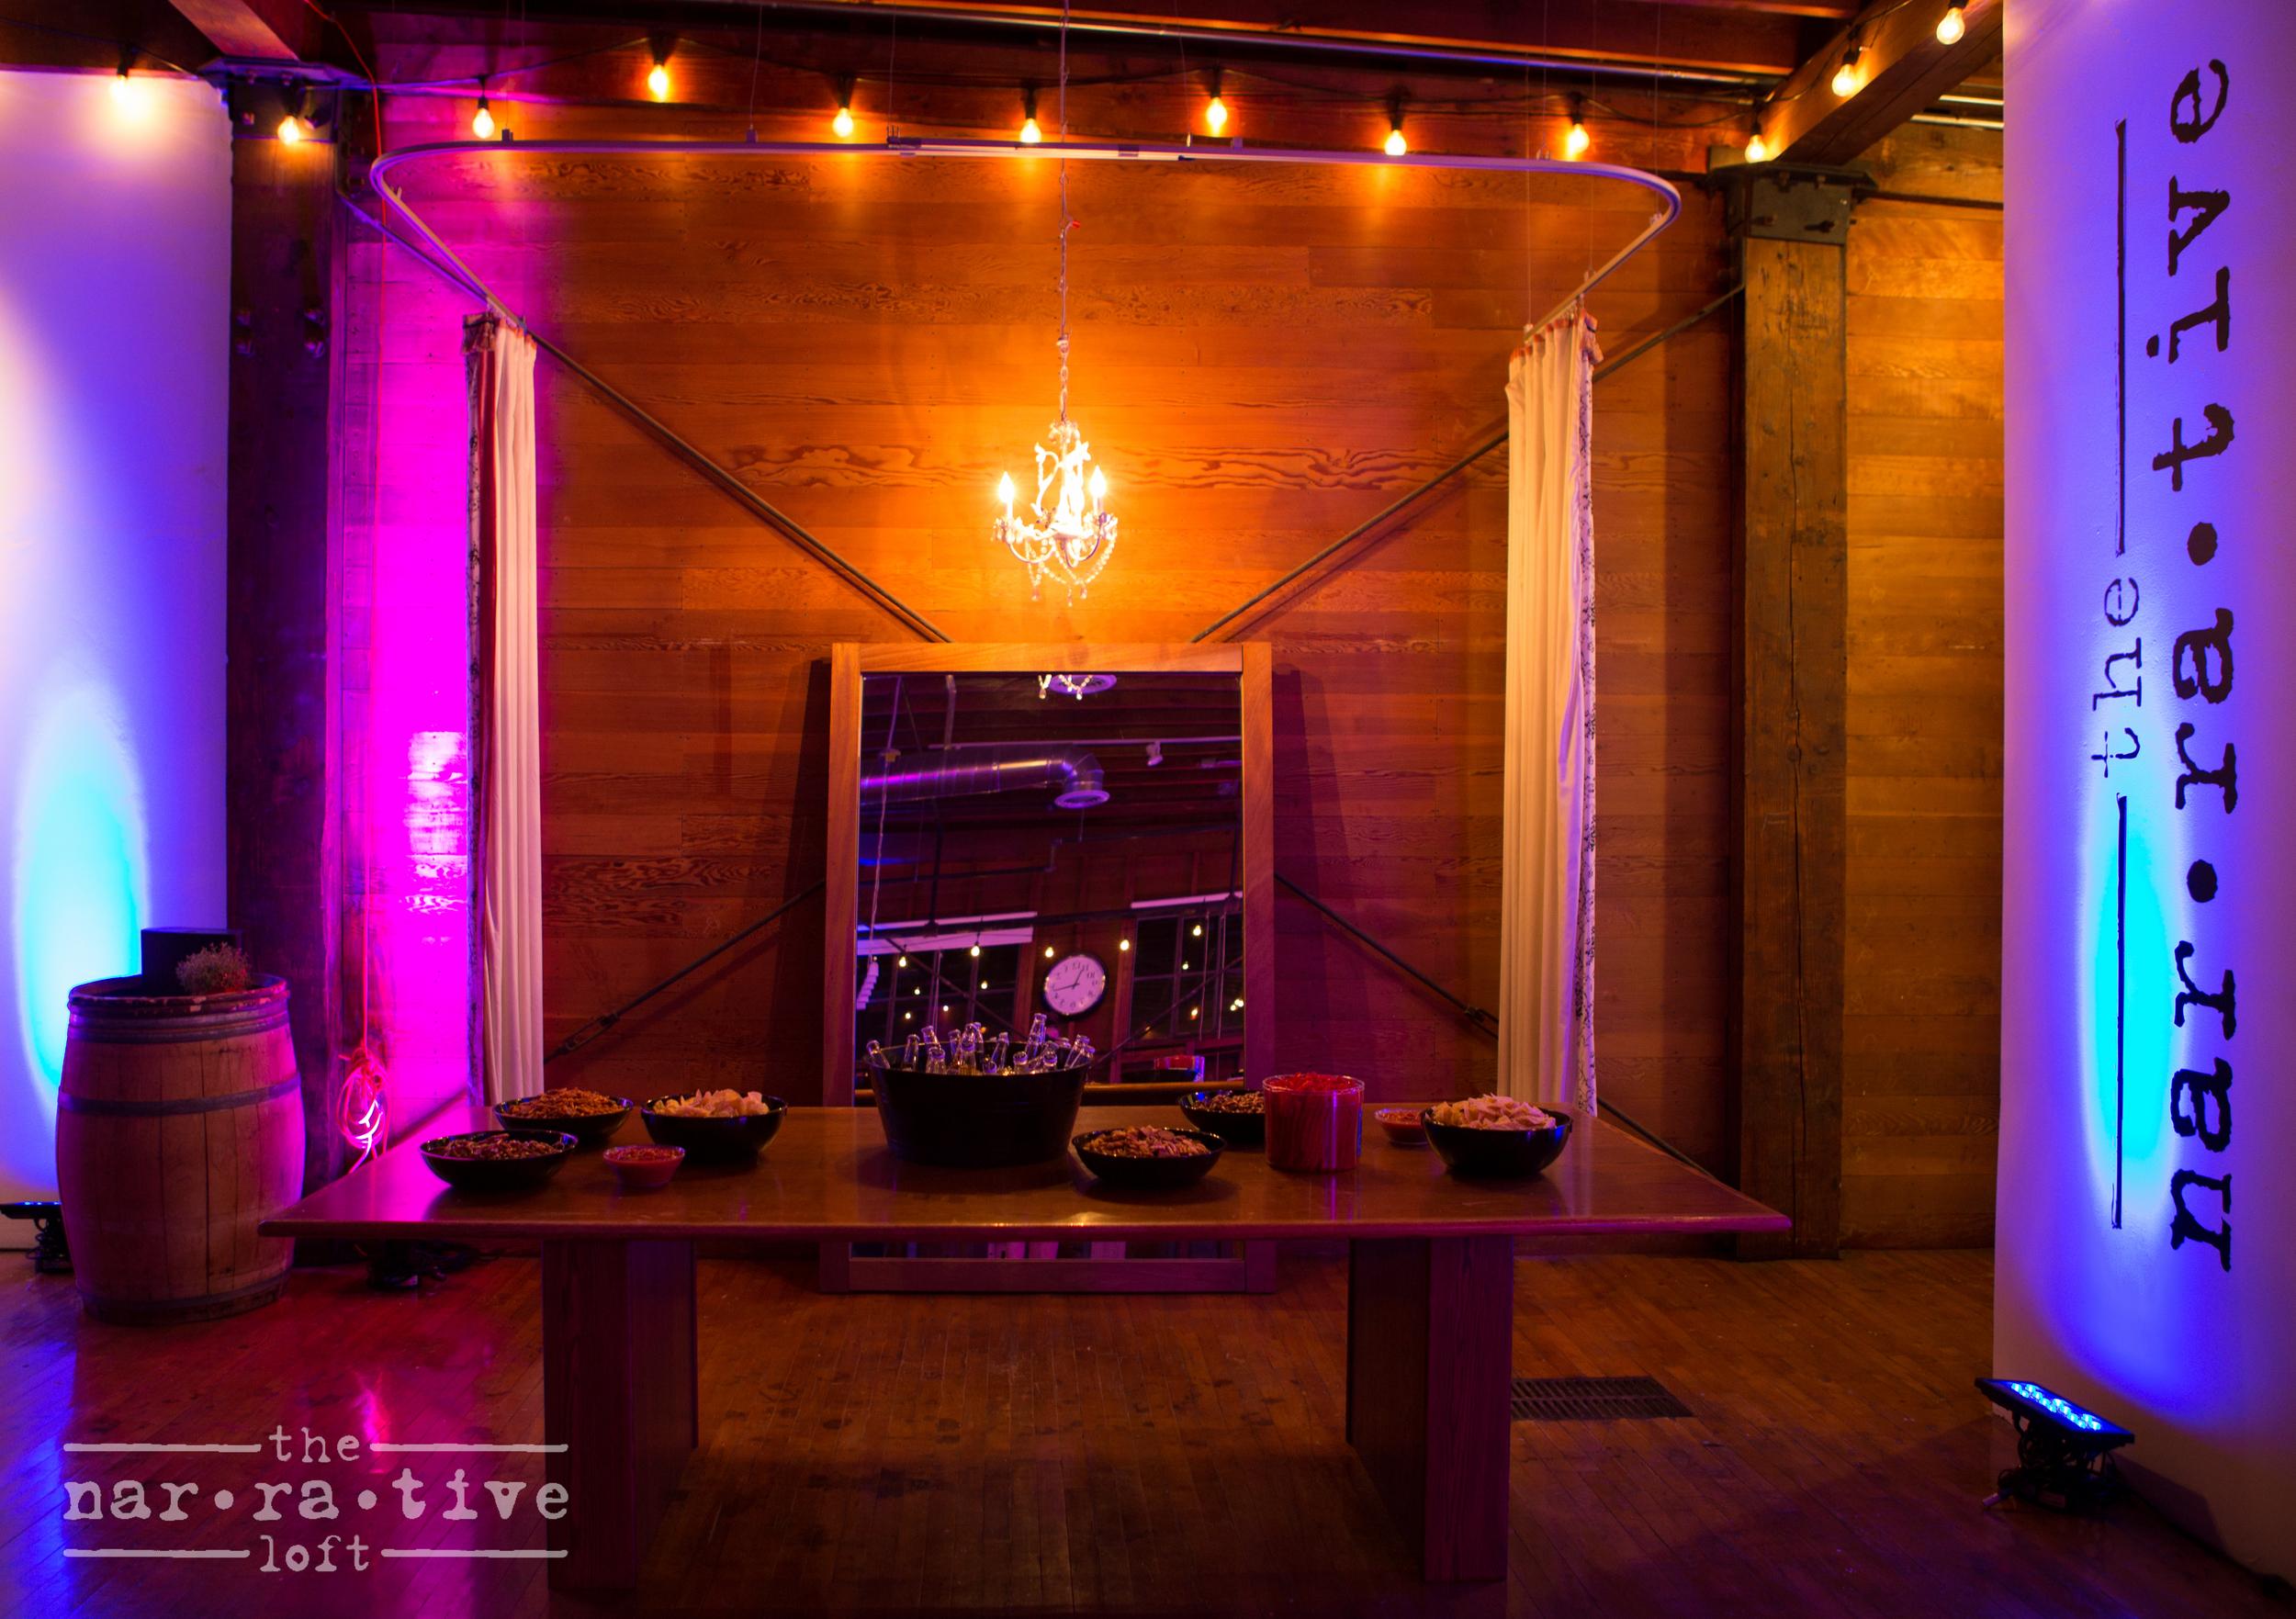 The-Narrative-Loft-Courtney & Matt After Party 10-10-1503.jpg